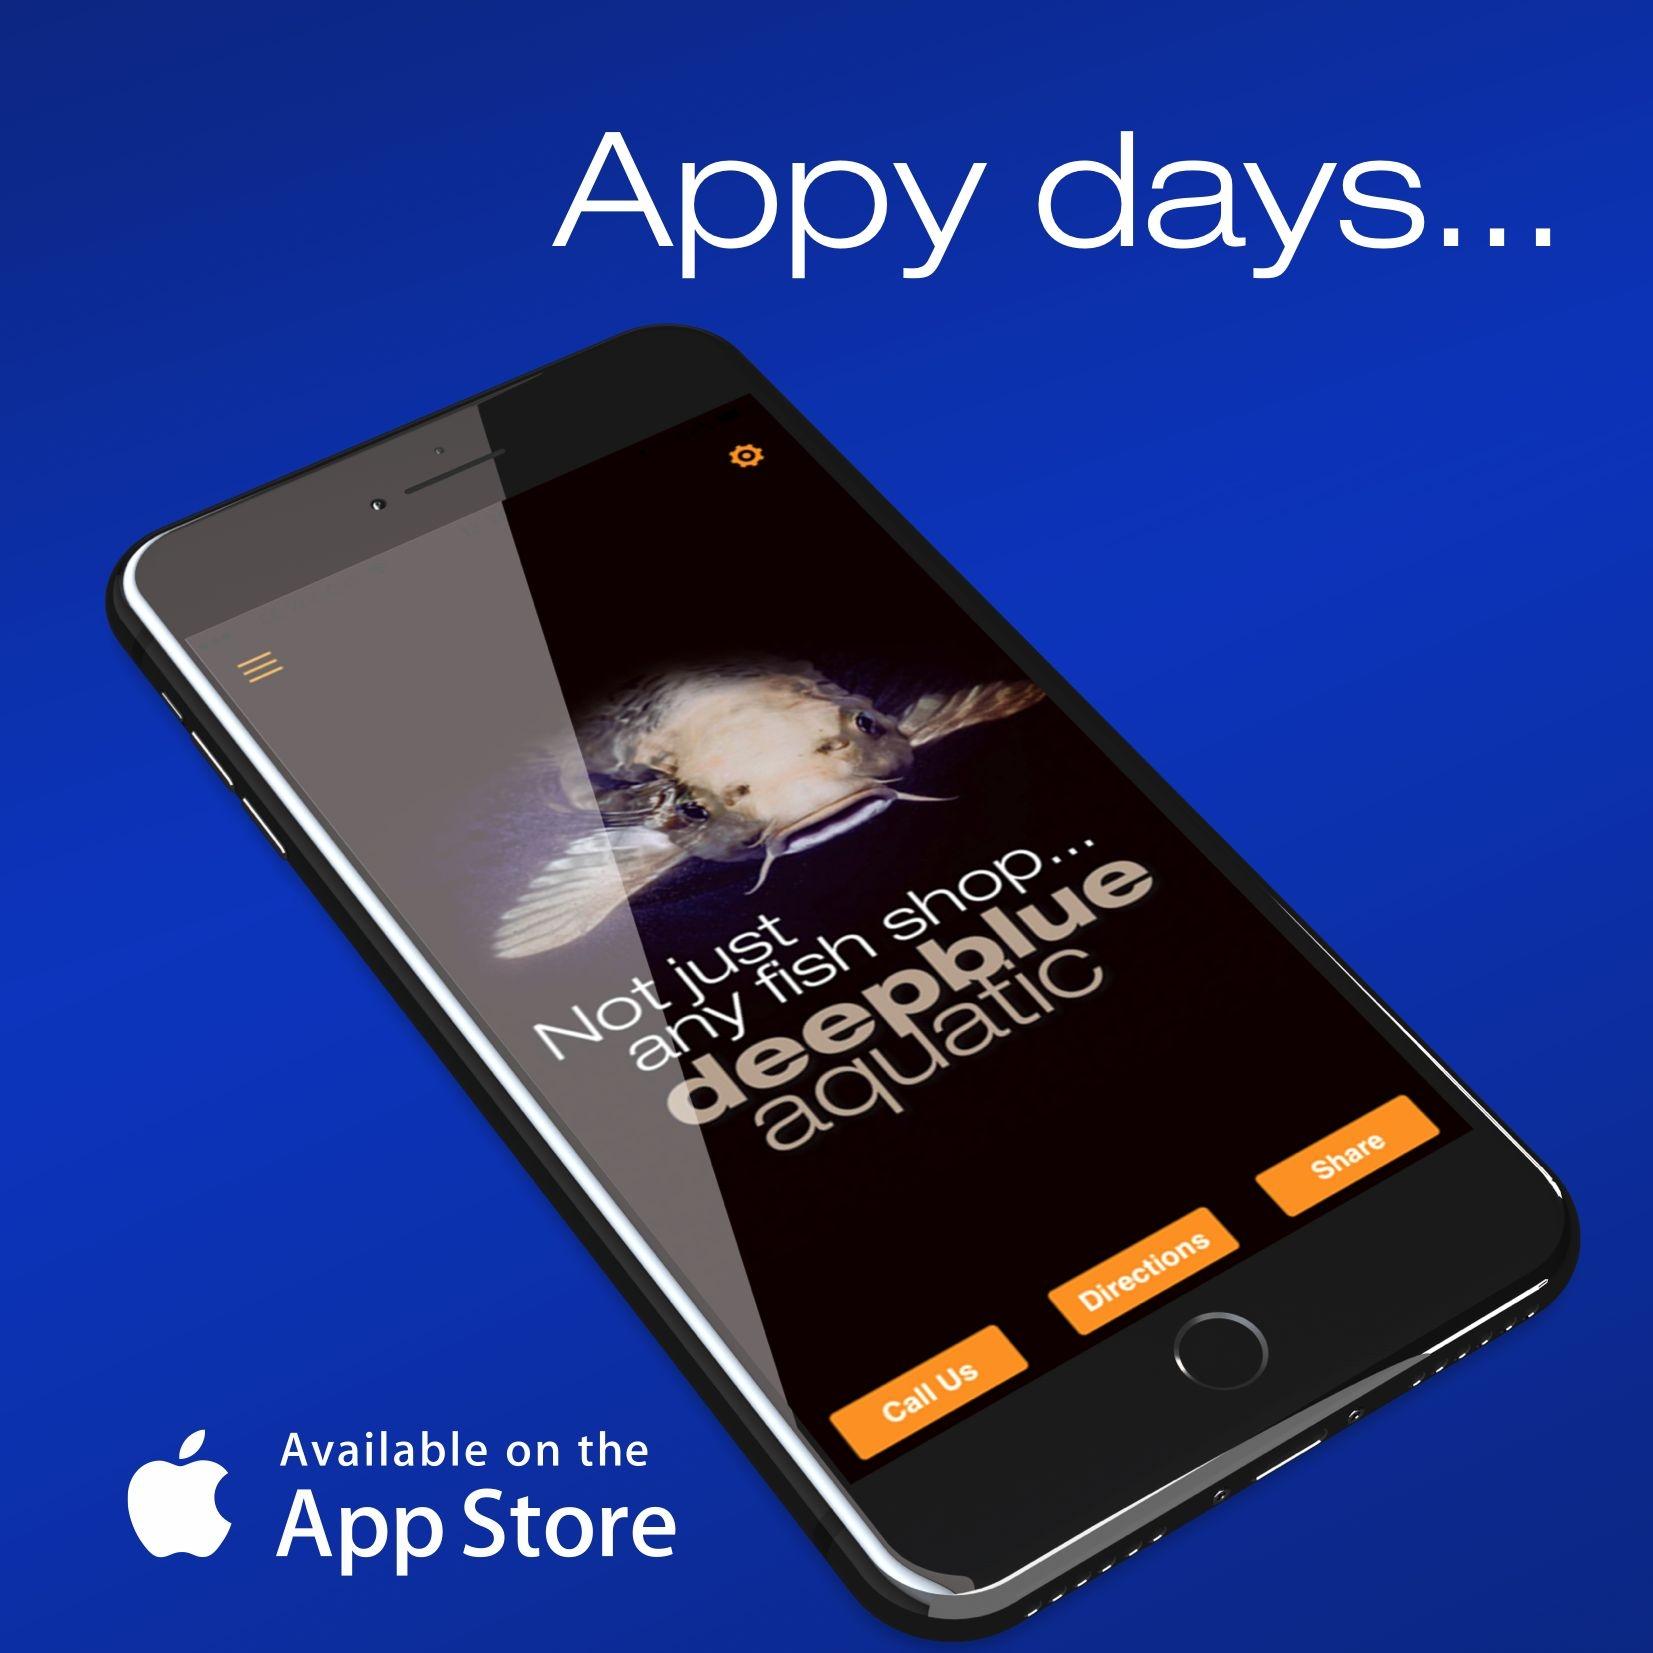 deepblue app now available!